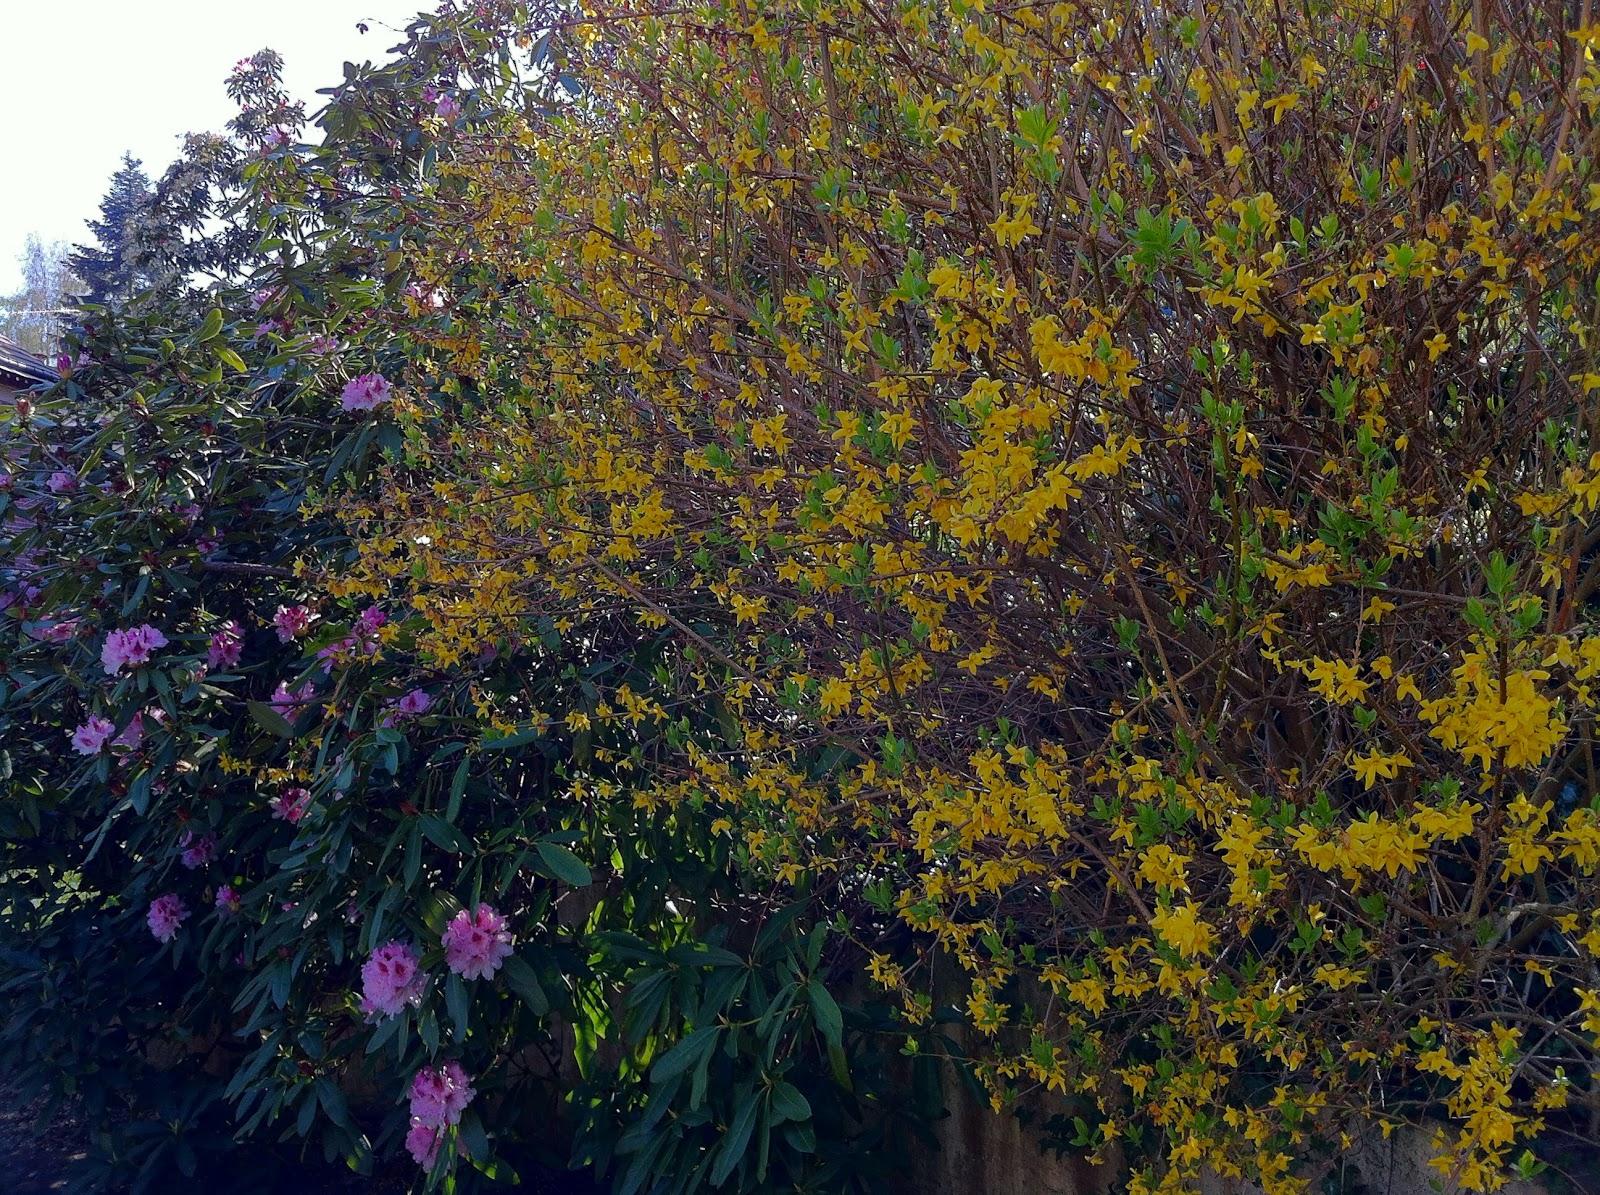 Mon jardin imparfait avril 2013 for Le jardin imparfait